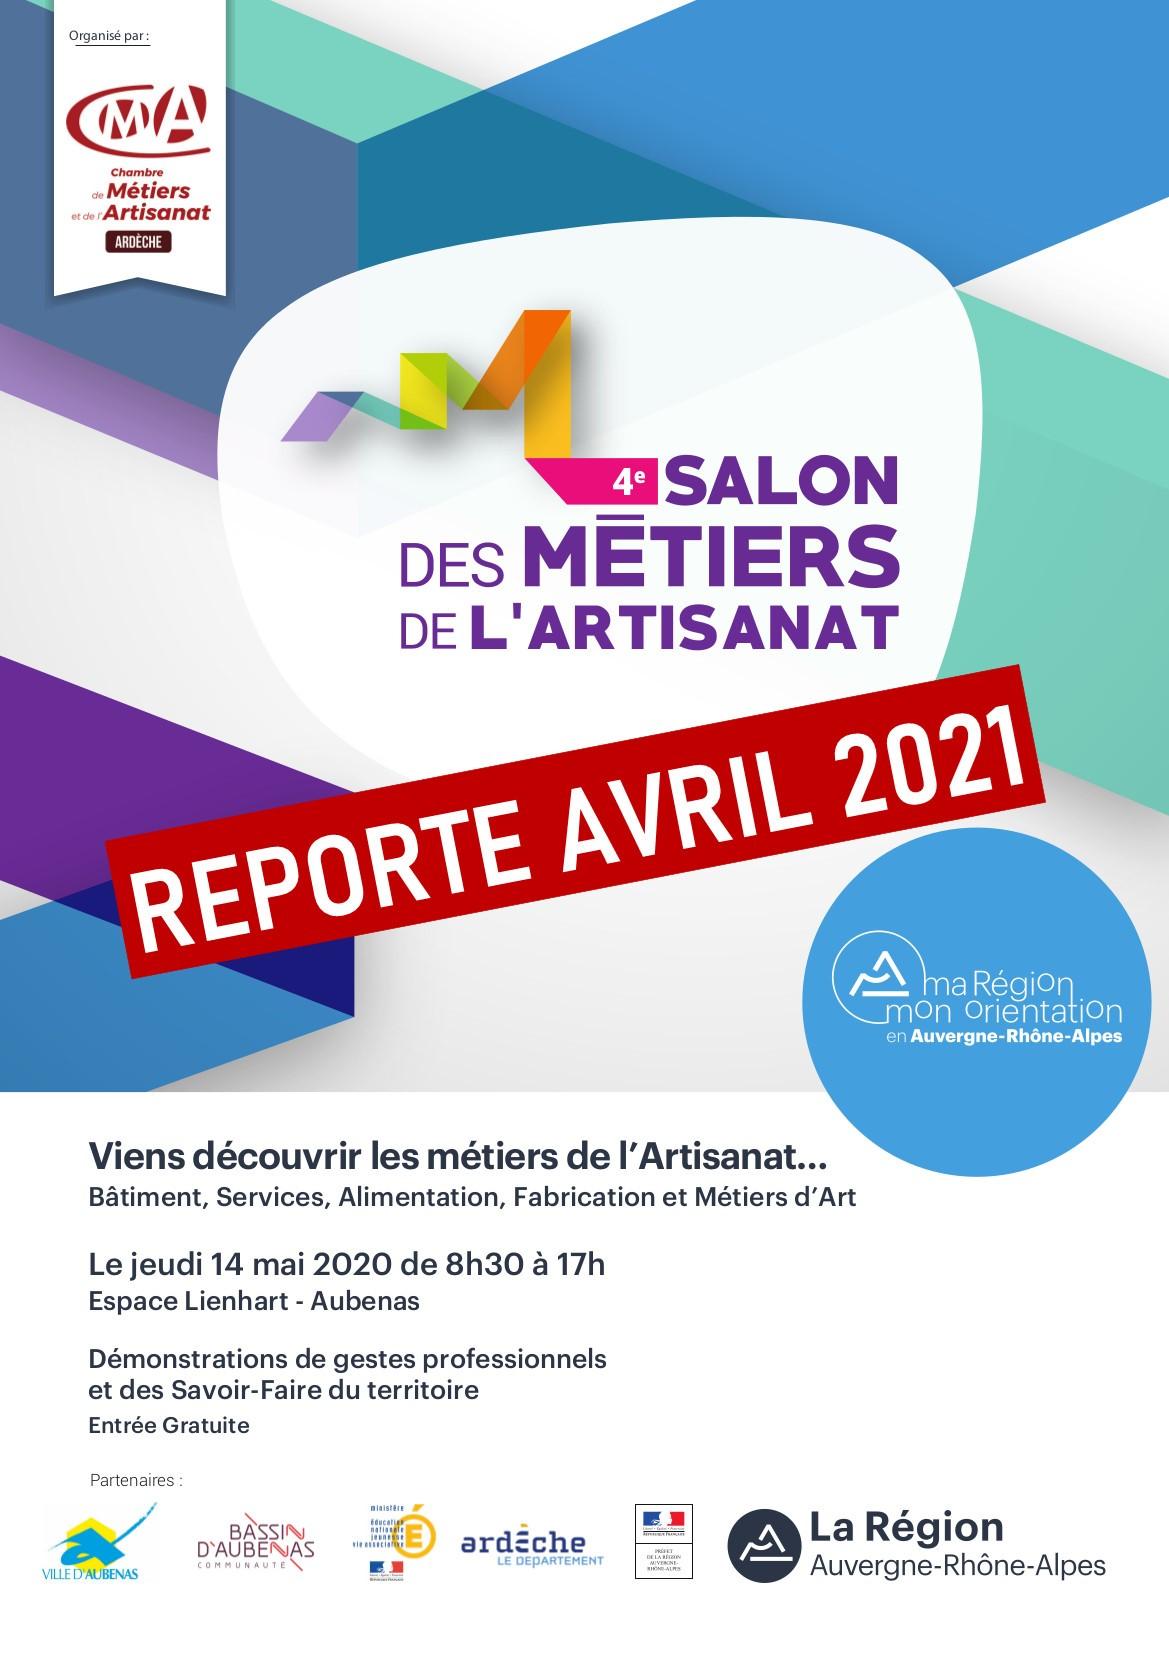 Report 4e Salon Des Metiers De L Artisanat Chambre De Metiers Et De L Artisanat De L Ardeche